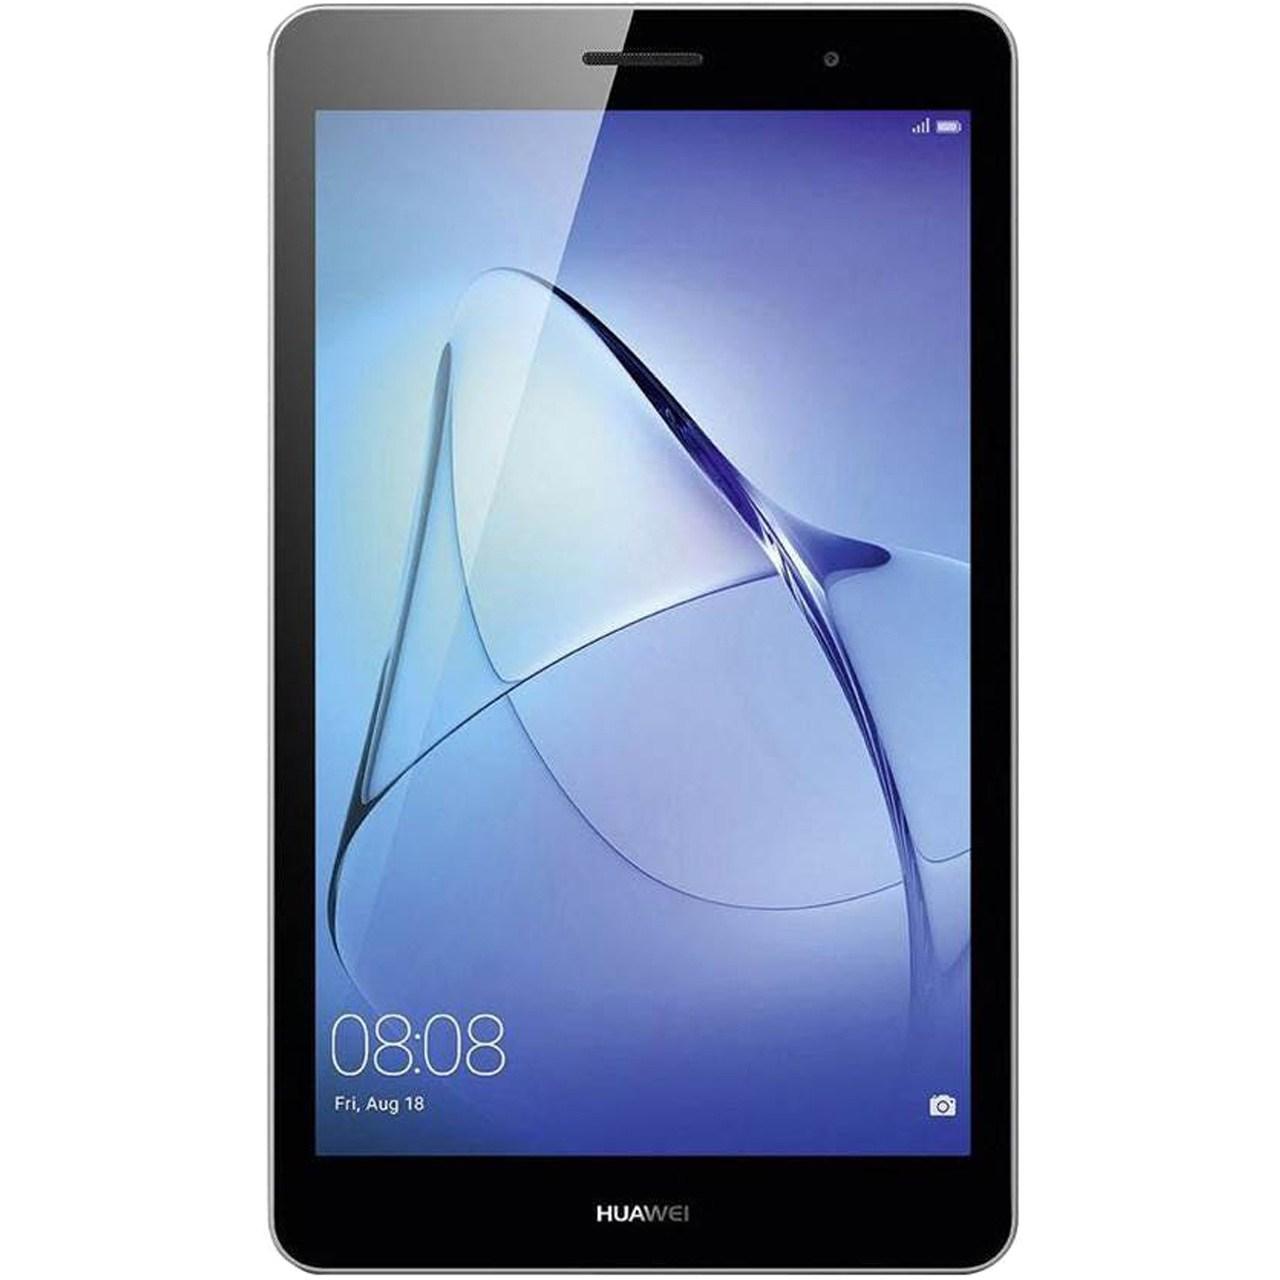 خرید ارزان تبلت هوآوی مدل Mediapad T3 8.0